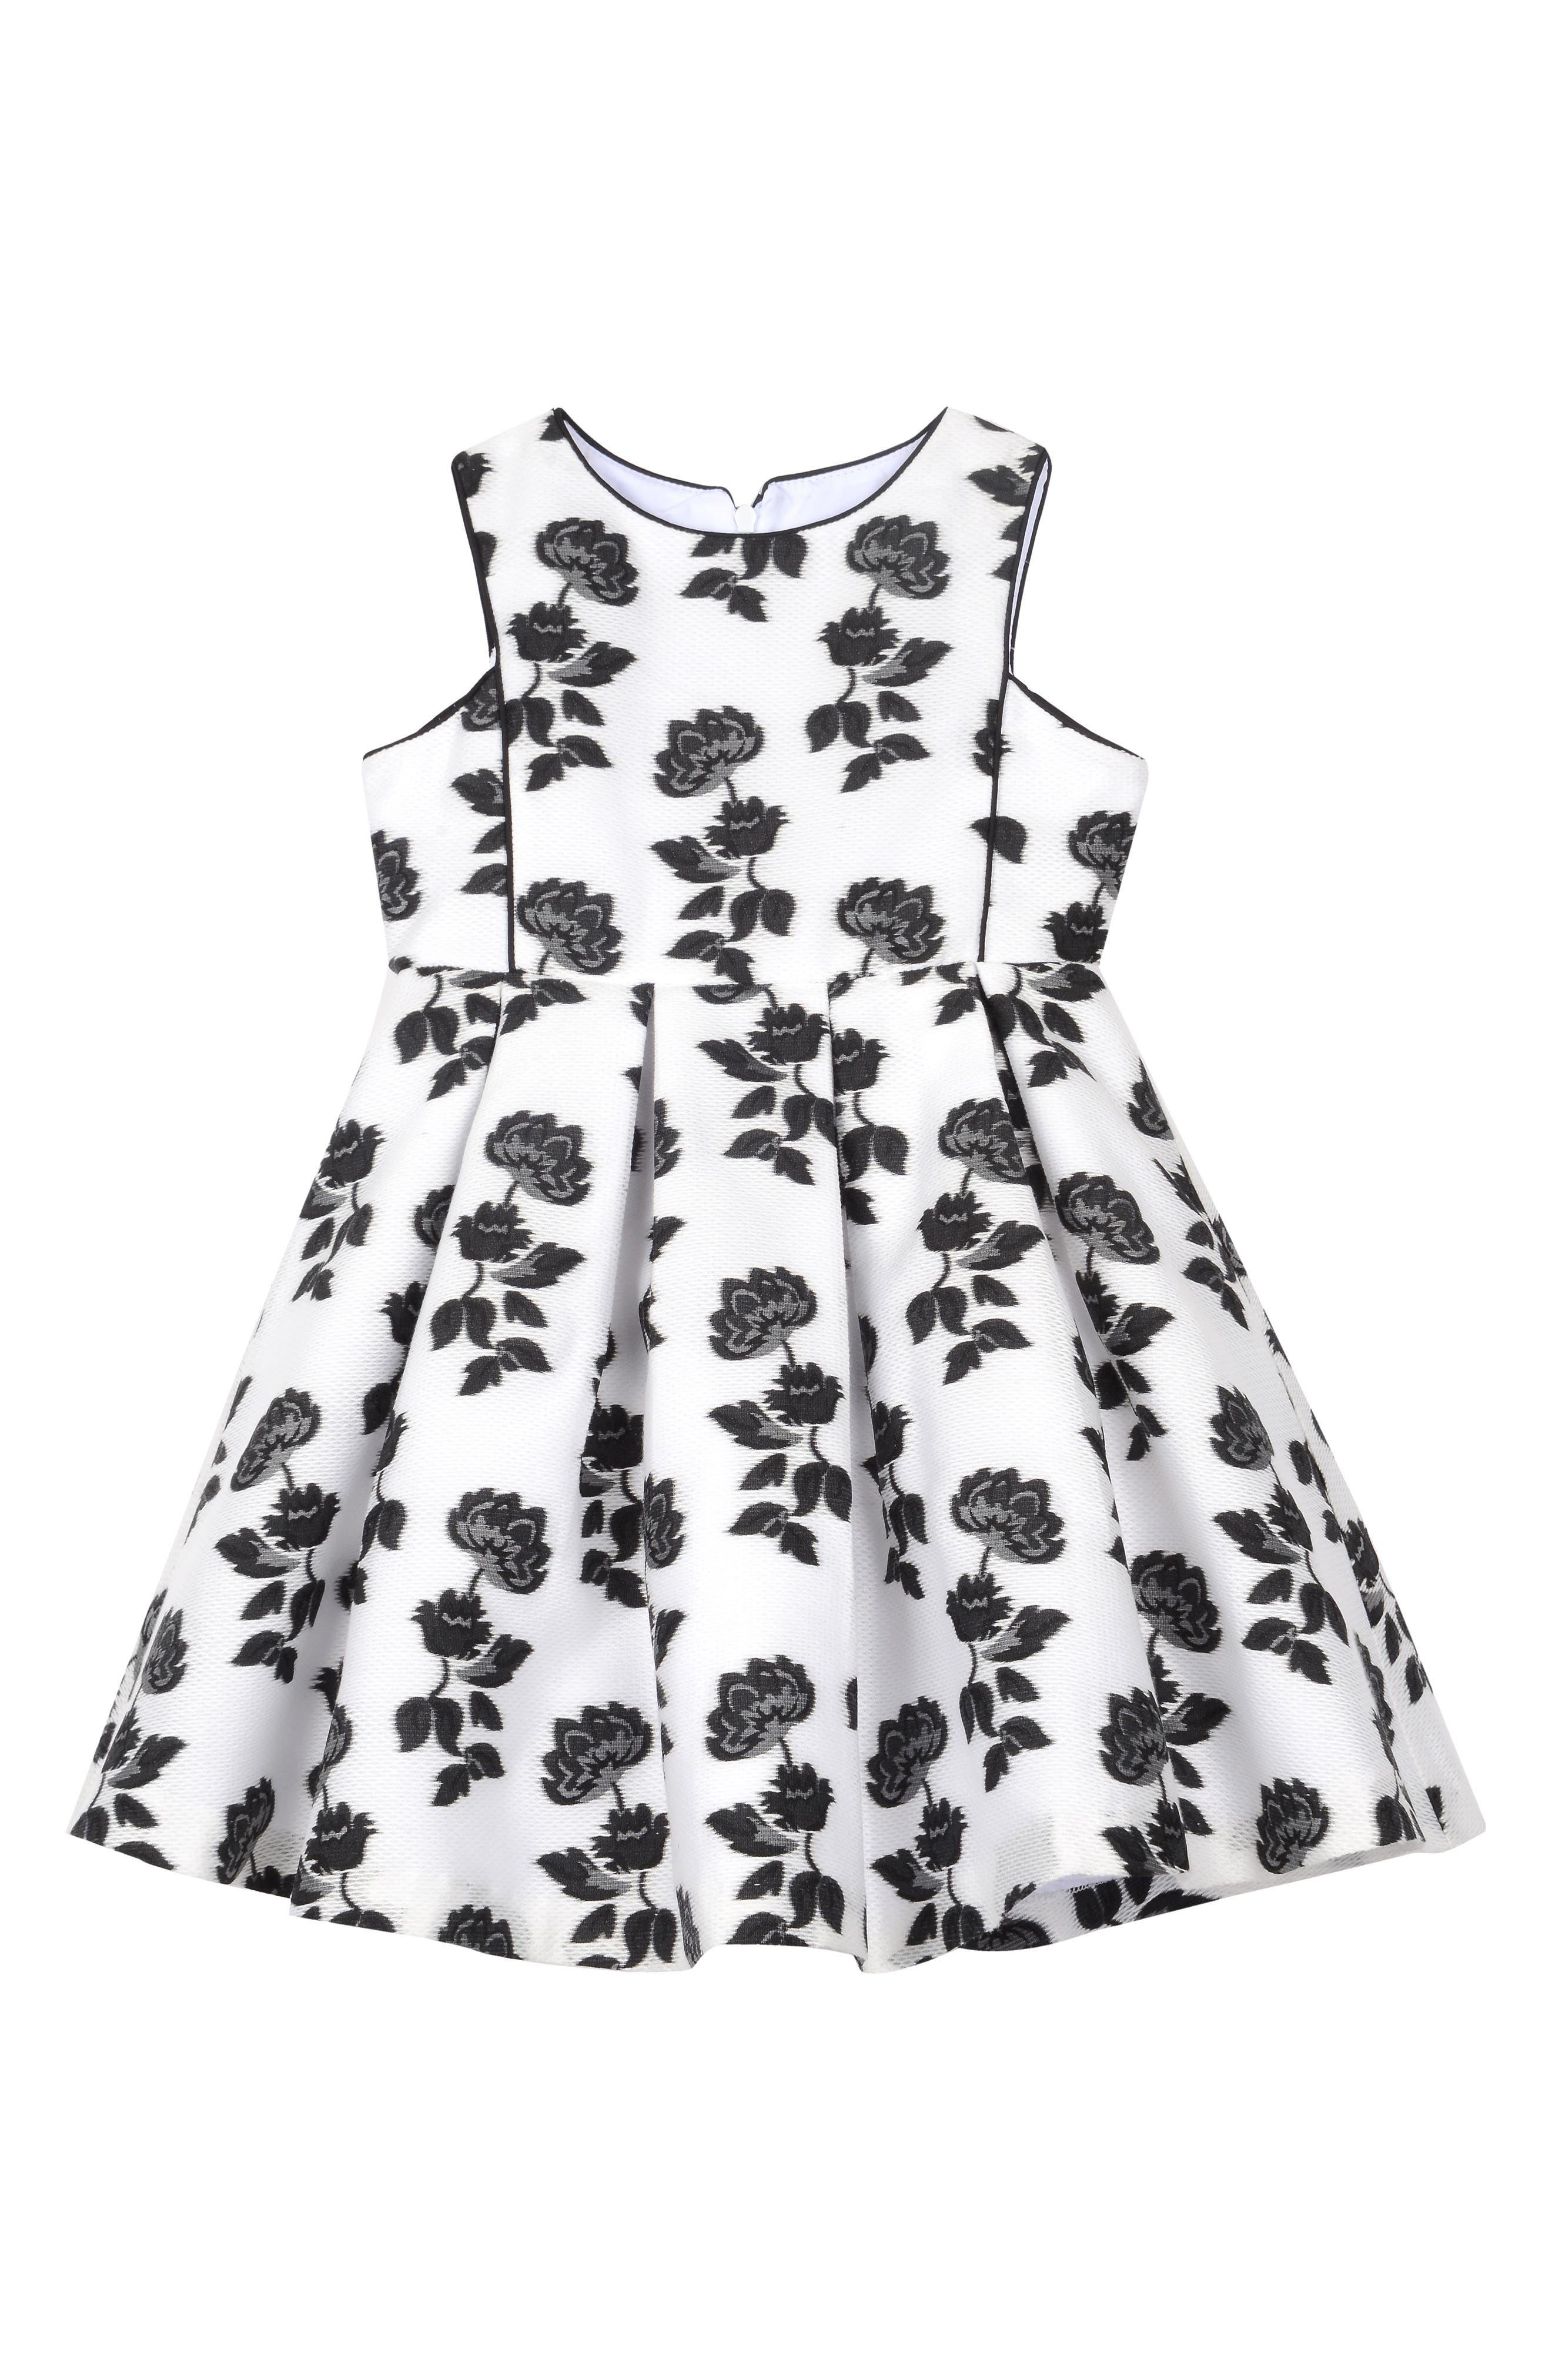 Burnout Floral Mesh Dress,                             Main thumbnail 1, color,                             White/ Black